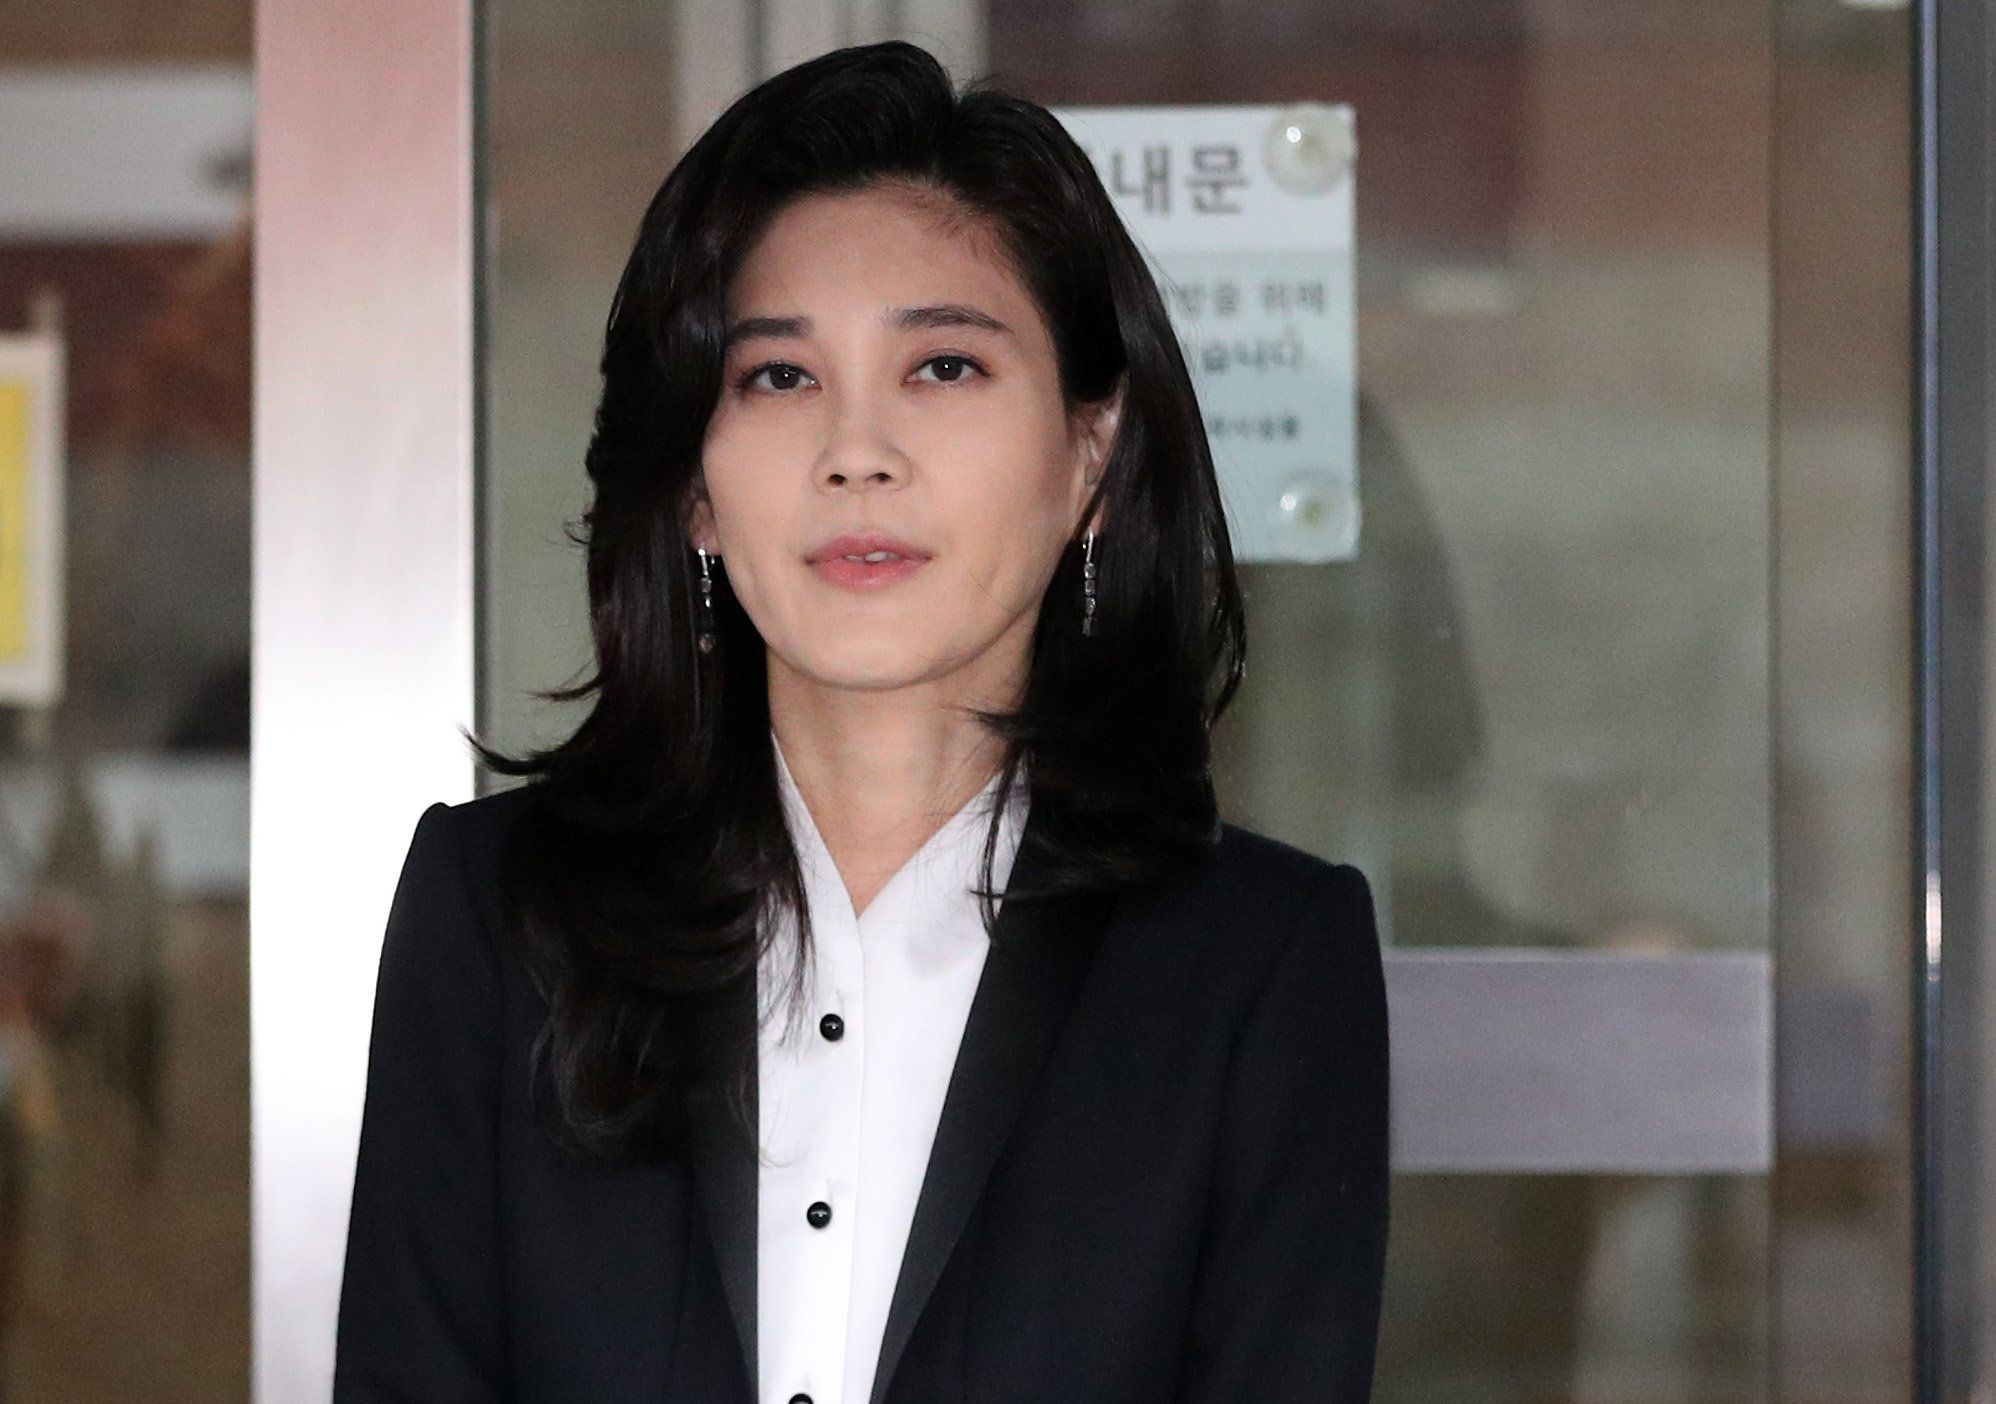 이부진 호텔신라 사장이 '프로포폴 상습 투약 의혹' 보도에 대해 입장을